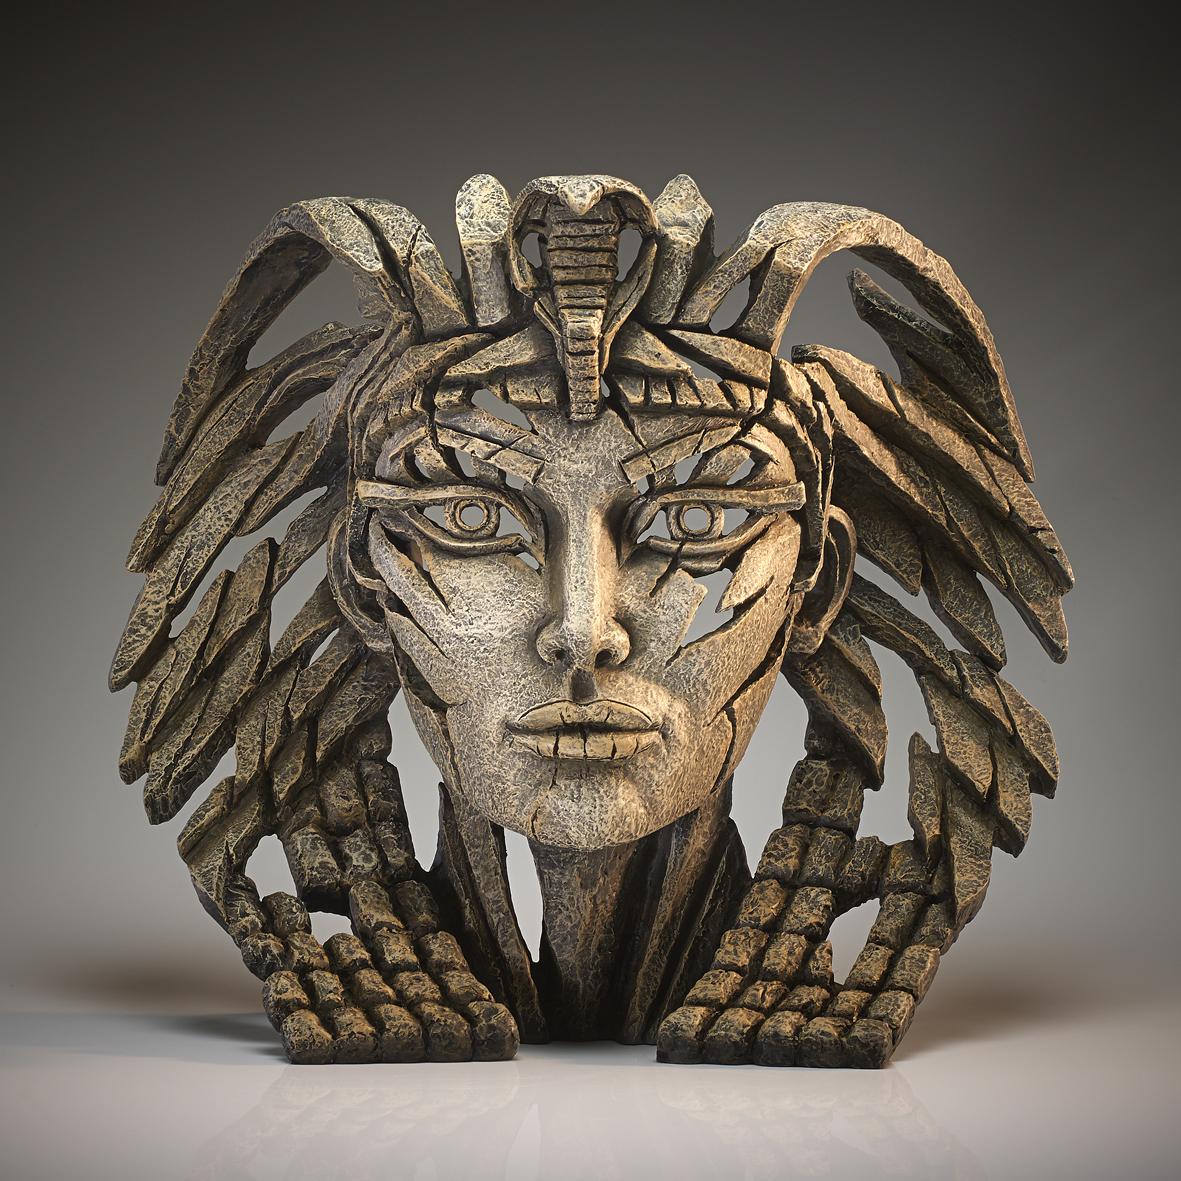 Cleopatra Bust - Desert by Edge Sculptures by Matt Buckley